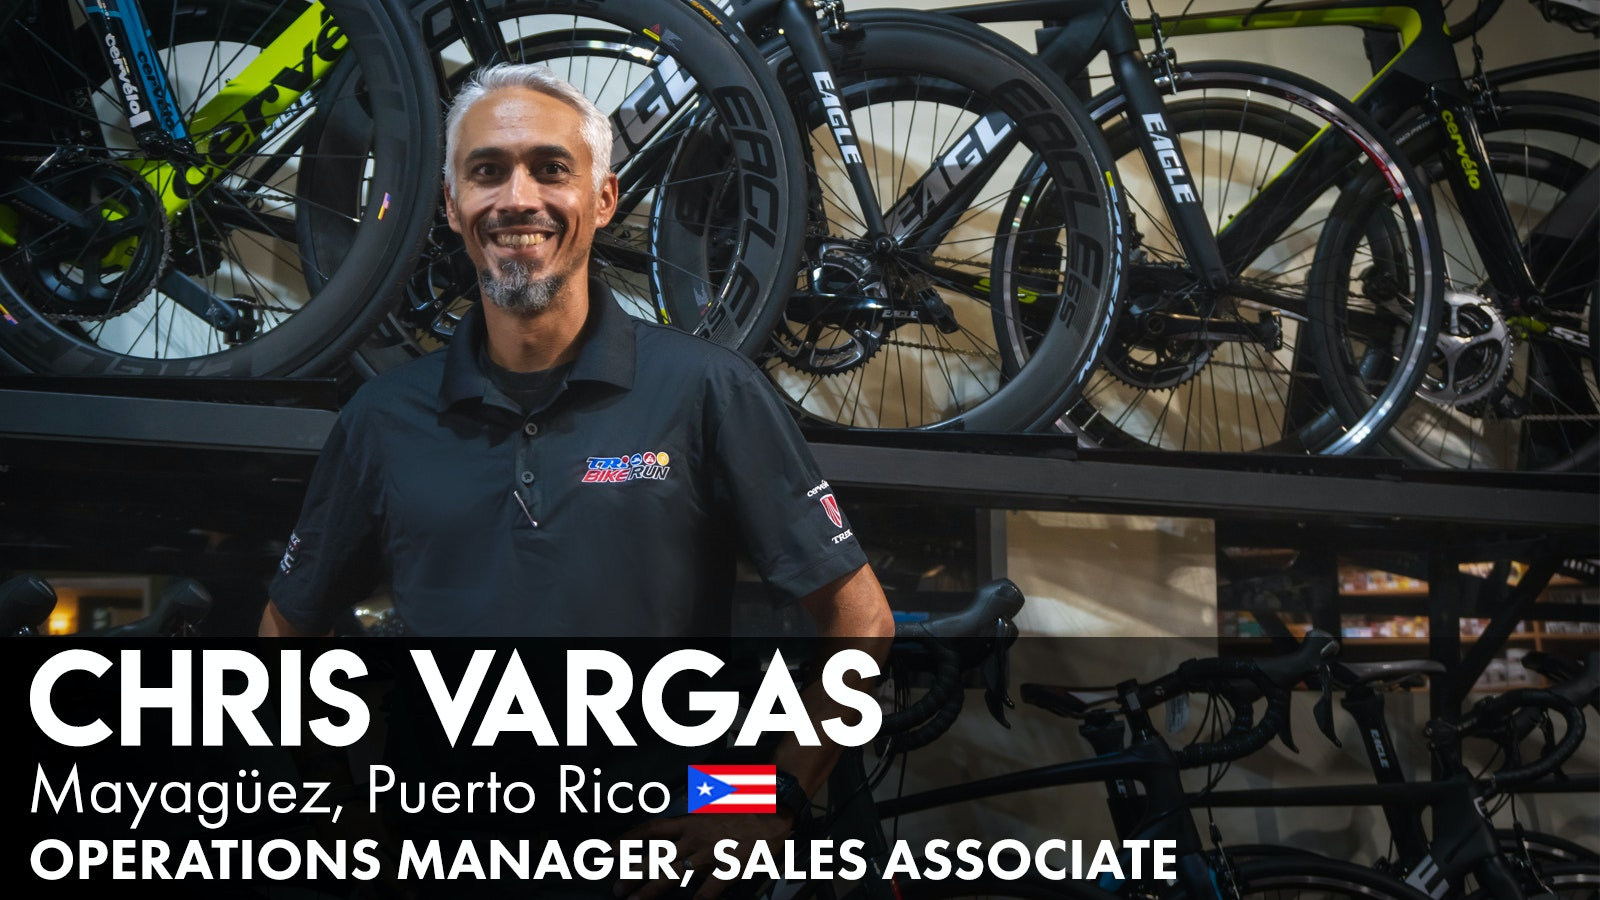 Chris Vargas